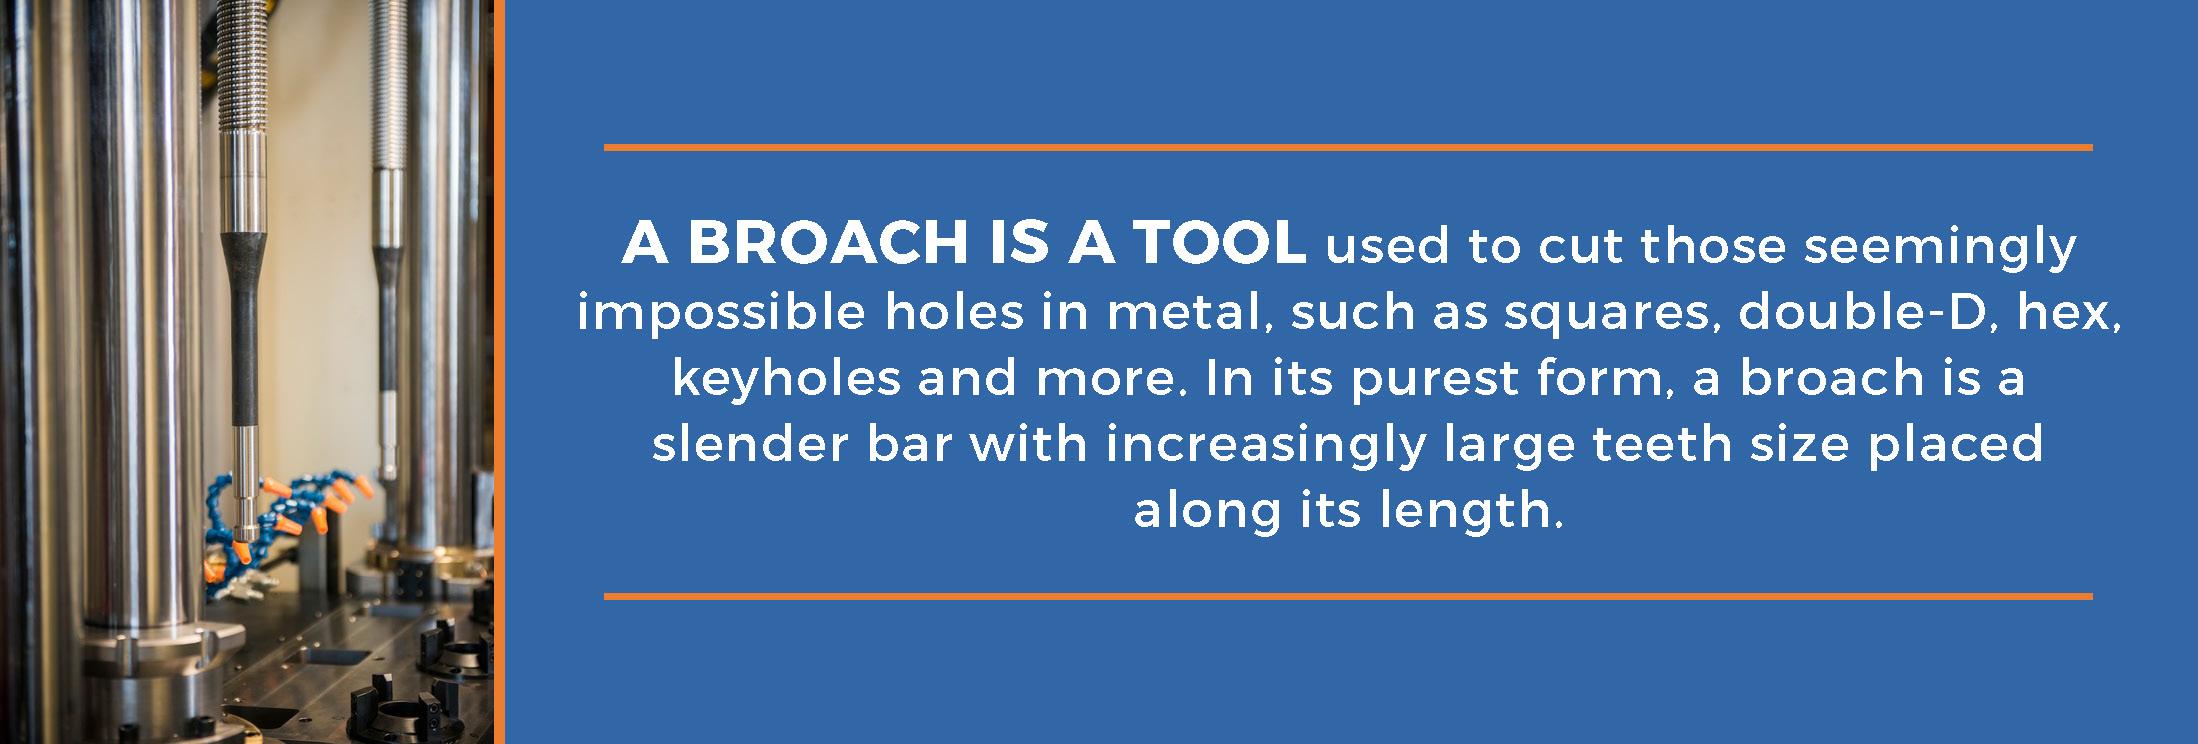 Broach-tool.jpg